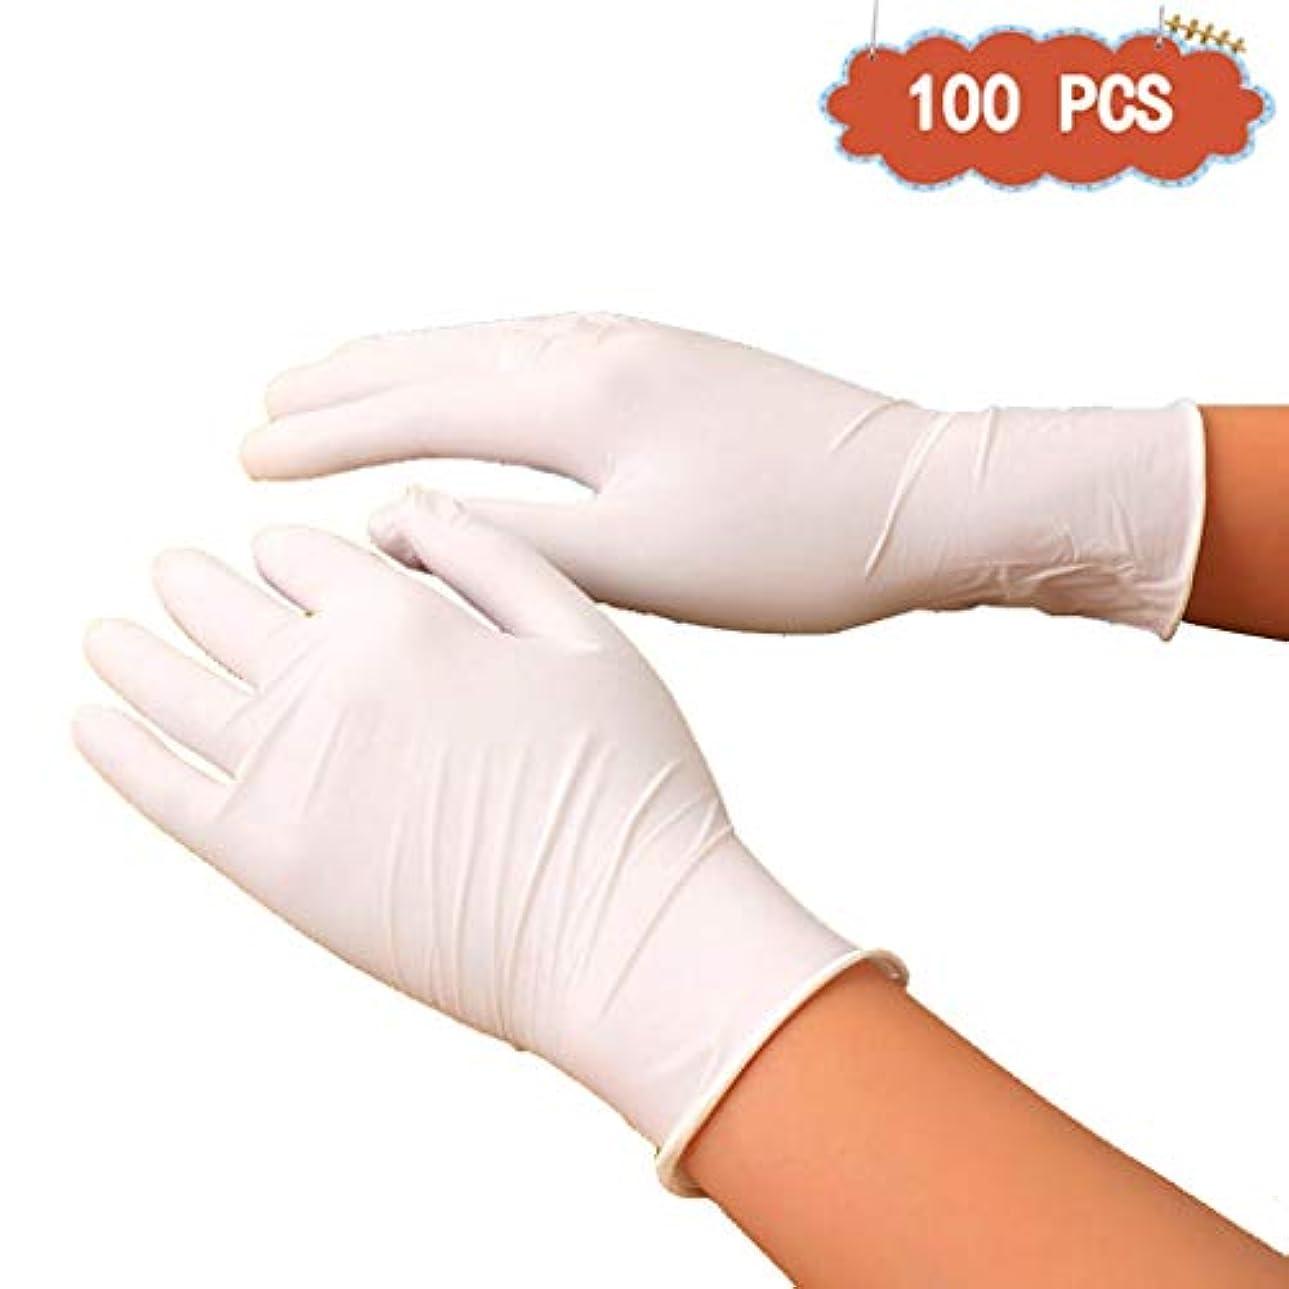 きしむ辞任するビクターニトリルホームクリーニングと酸とアルカリ使い捨て手袋ペットケアネイルアート検査保護実験、美容院ラテックスフリー、パウダーフリー、両手利き、100個 (Color : White, Size : M)